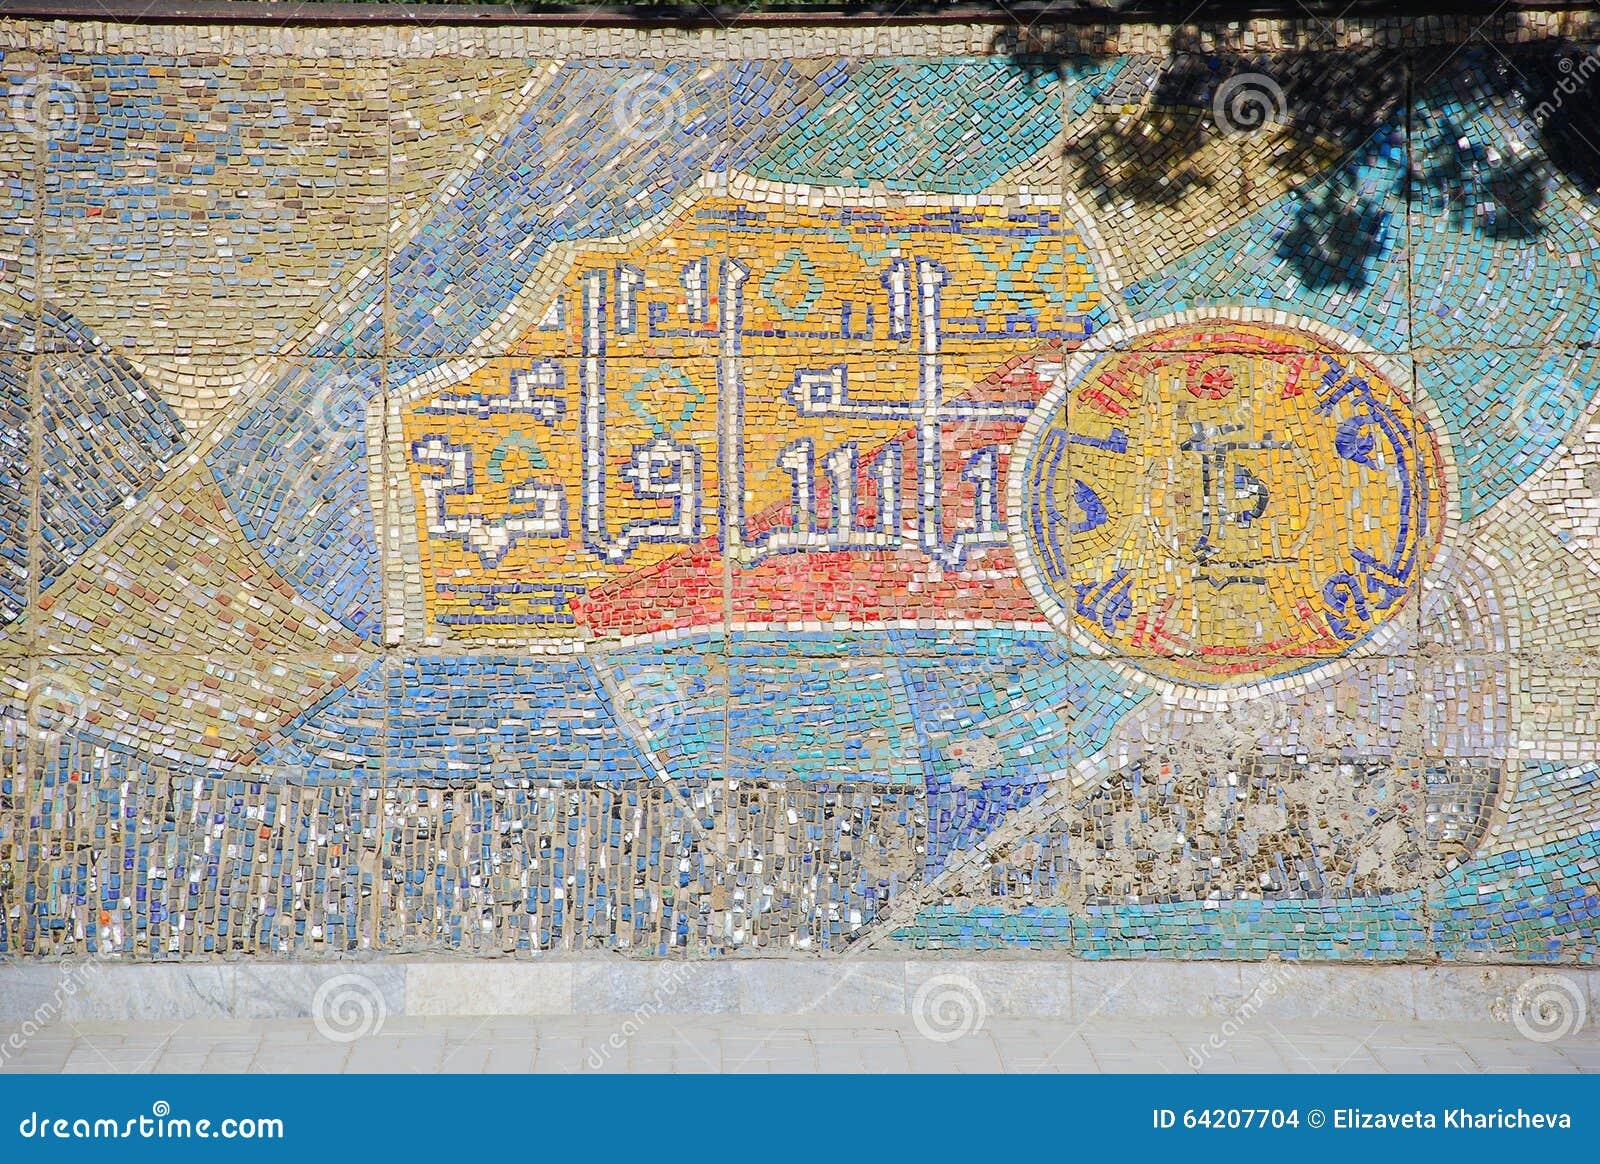 Período del mosaico de la Unión Soviética